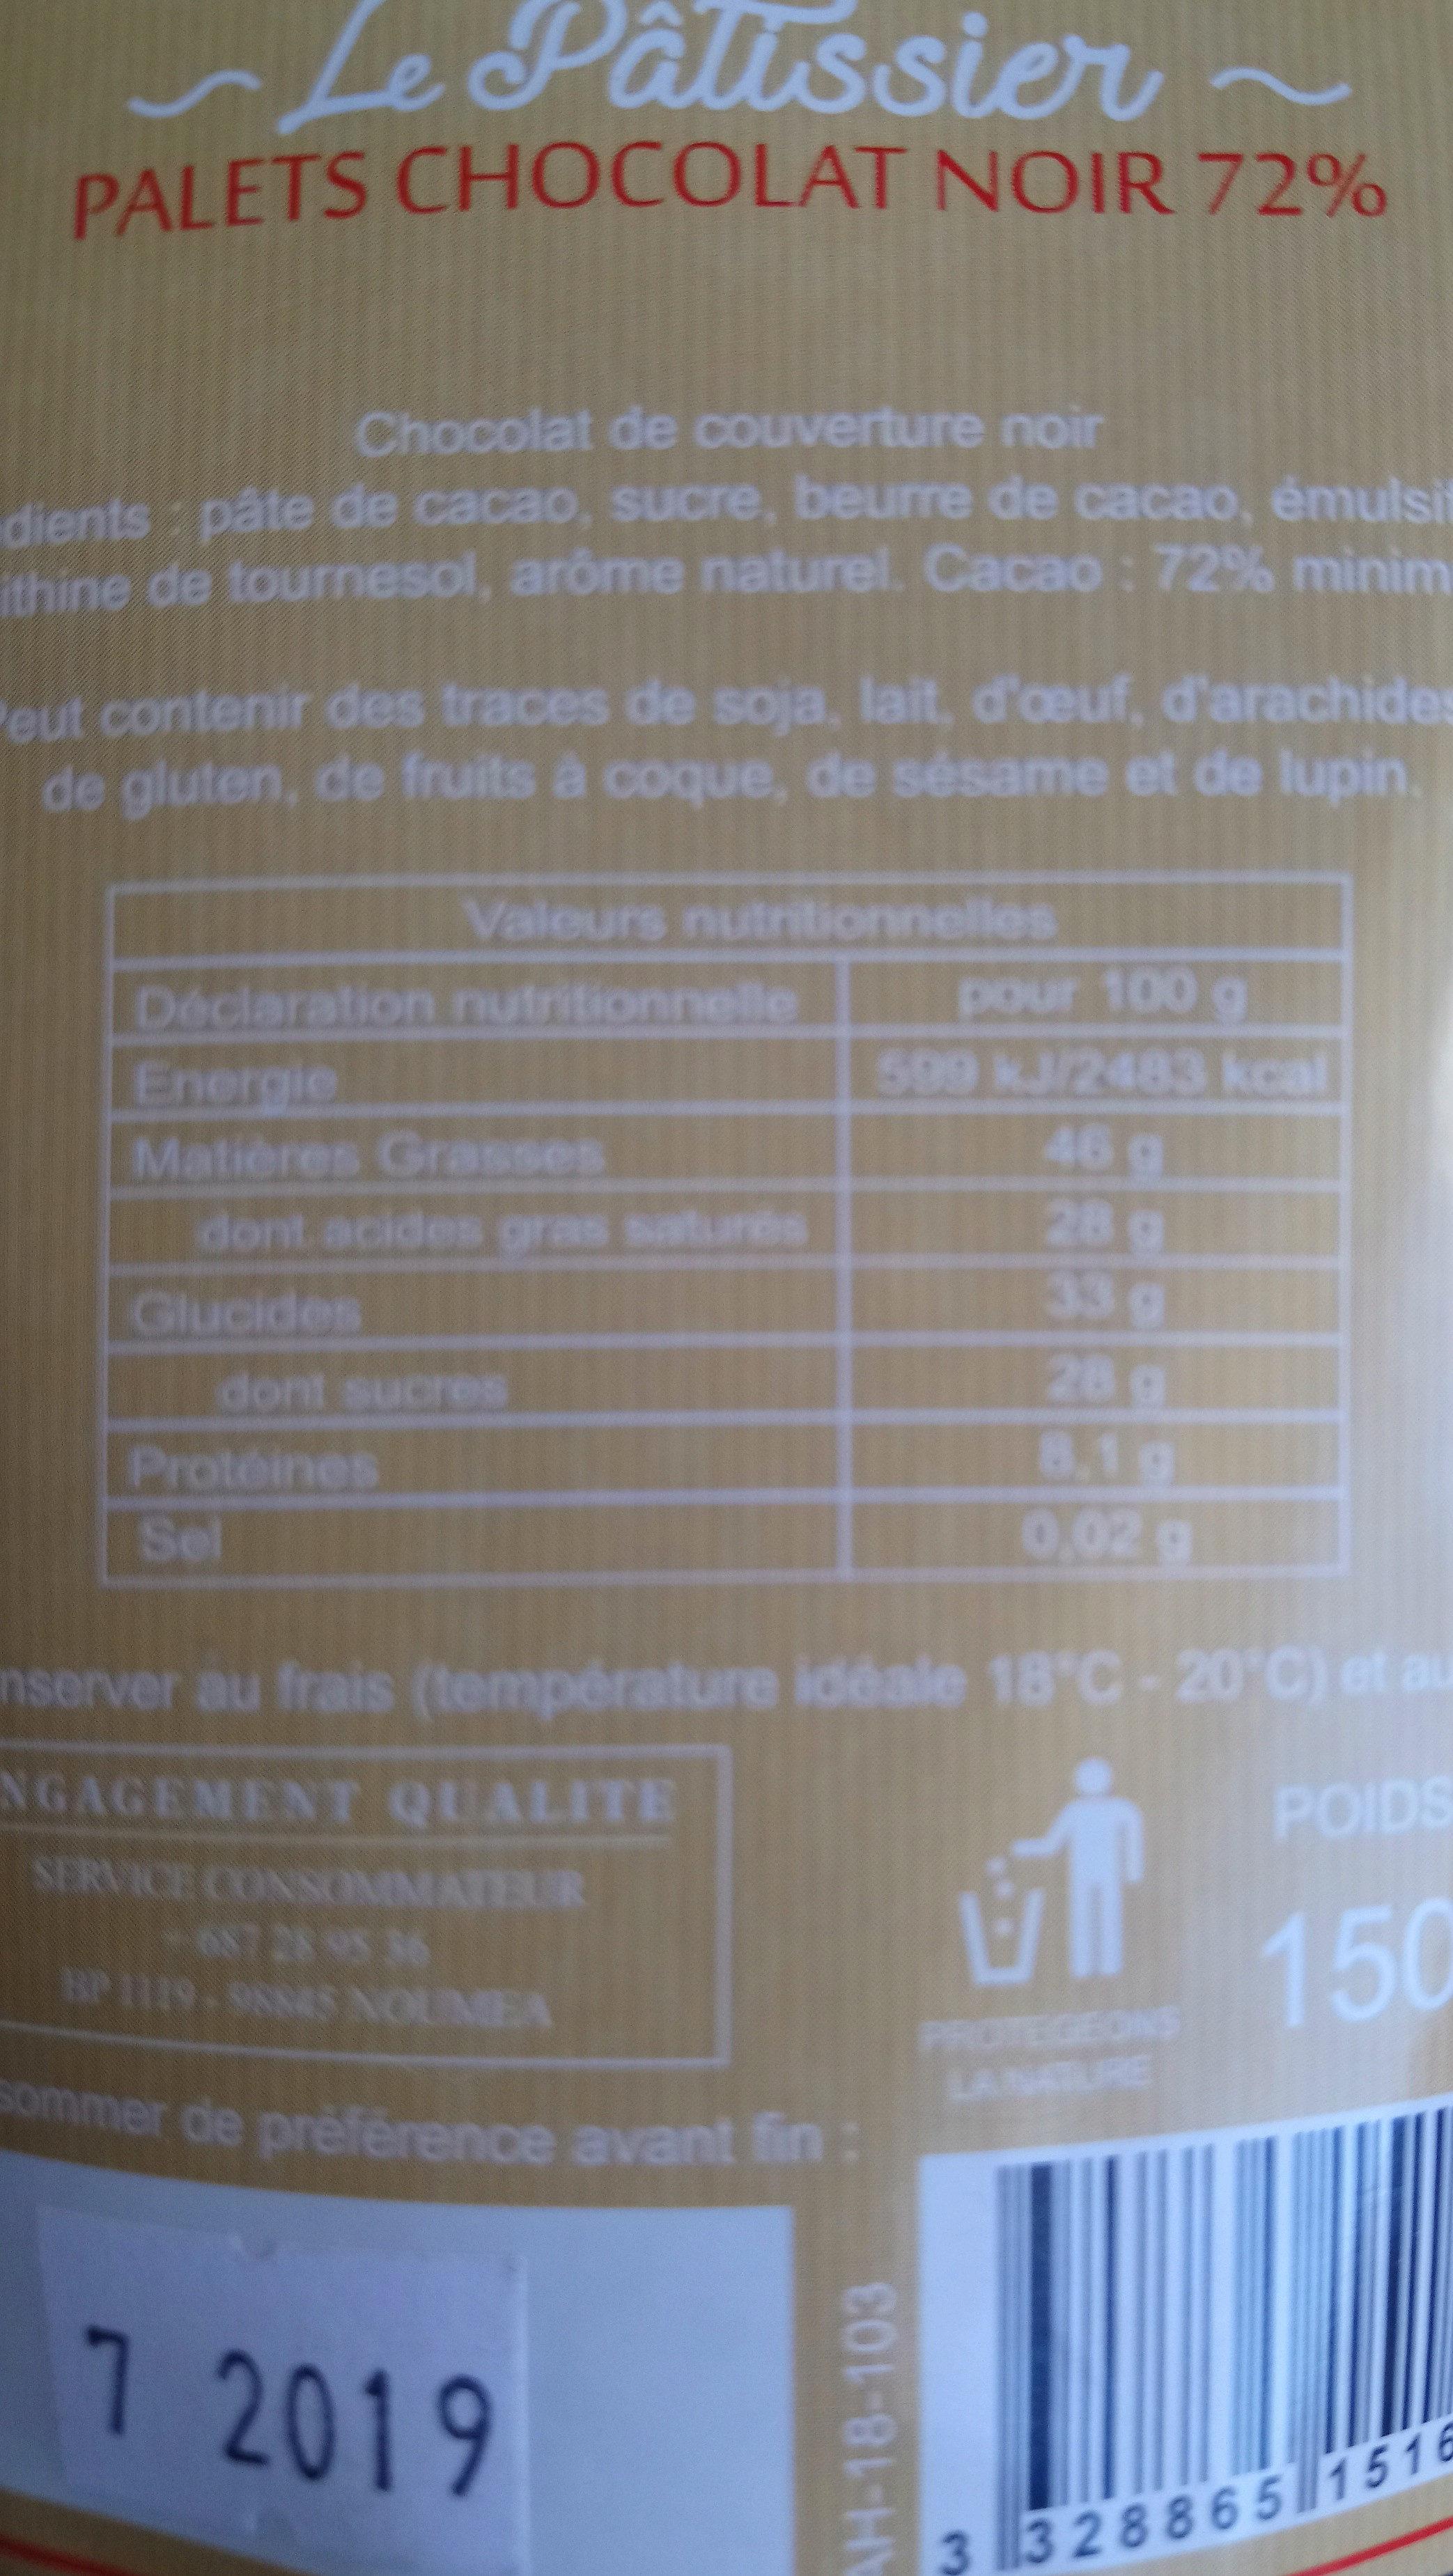 les plaisirs gourmands palets 72% chocolat noir - Ingredients - fr